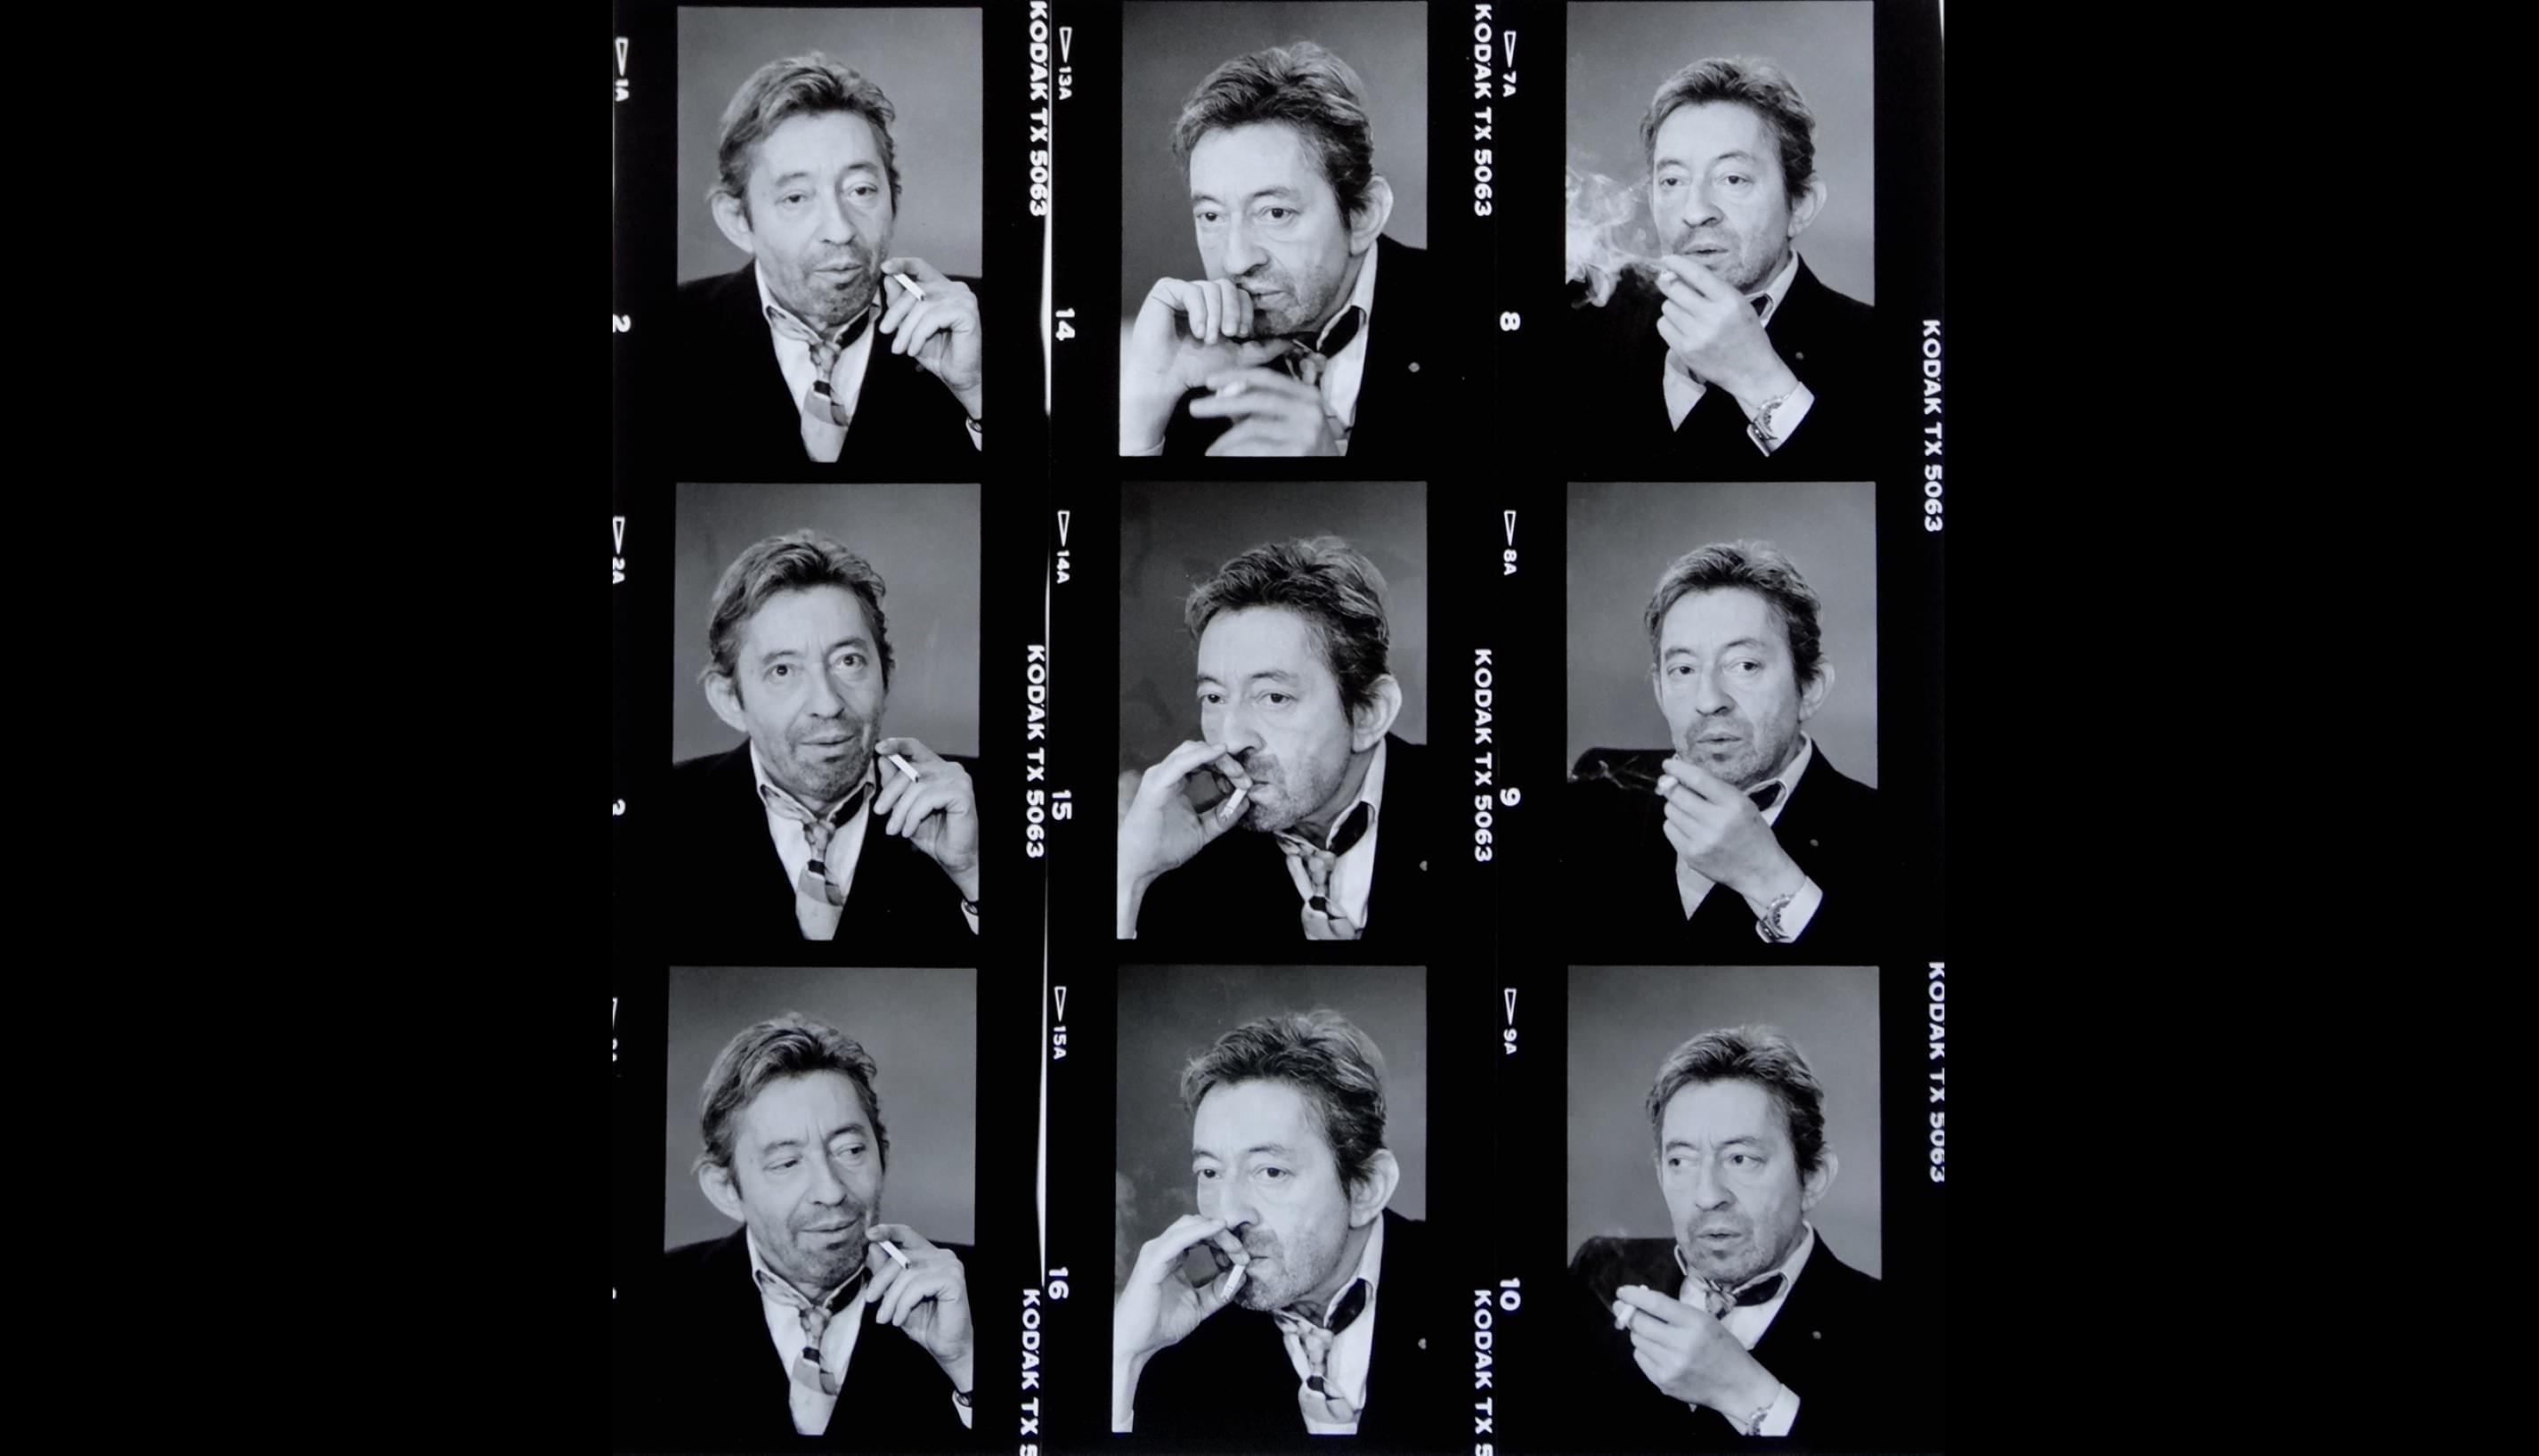 9 fois Gainsbourg(1989),deMichel Giniès.  GainsbourgToujours25 ans  Gainbourg qui écrit, Gainsbourg pianotant, Gainsbourg qui sourit, Serge et Jane, Nana et Serge, Gainsbourg heureux, Gainsbarre bourré, Gainsbourg qui pisse, Gainsbourg qui pleure, Gainsbourg nu, dessiné, chantant, fatigué, élégant, qui fume, en smoking, décoiffé, maquillé, beau, laid, admirable, magistral, humble, pédant, seigneurial, populaire, grand, sublime…Gainsbourg, toujours. Quinze photographes et deuxplasticiens se sont réunis dans le Carré Rive Gauche et présentent plus de 60 œuvres pour honorer Serge Gainsbourg, 25 ans après sa disparition. Tirages, peintures, collages et dessins sont exposés à la Galerie Hegoa, mais aussi dans trois autres lieux du Carré Rive Gauche dans une démarche de partage, de restitutionet de transmission.  GainsbourgToujours25 ans, jusqu'au 8 avril, Galerie Hegoa,16, rue de Beaune, Paris VIIe, Le Bistrot de Paris : 33, rue de Lille,Paris VIIe, Hôtel de Lille : 40, rue de Lille,Paris VIIe, WineSitting : 27, Rue de Beaune,Paris VIIe, Seine Intérieur : 40, rue de Verneuil,Paris VIIe.